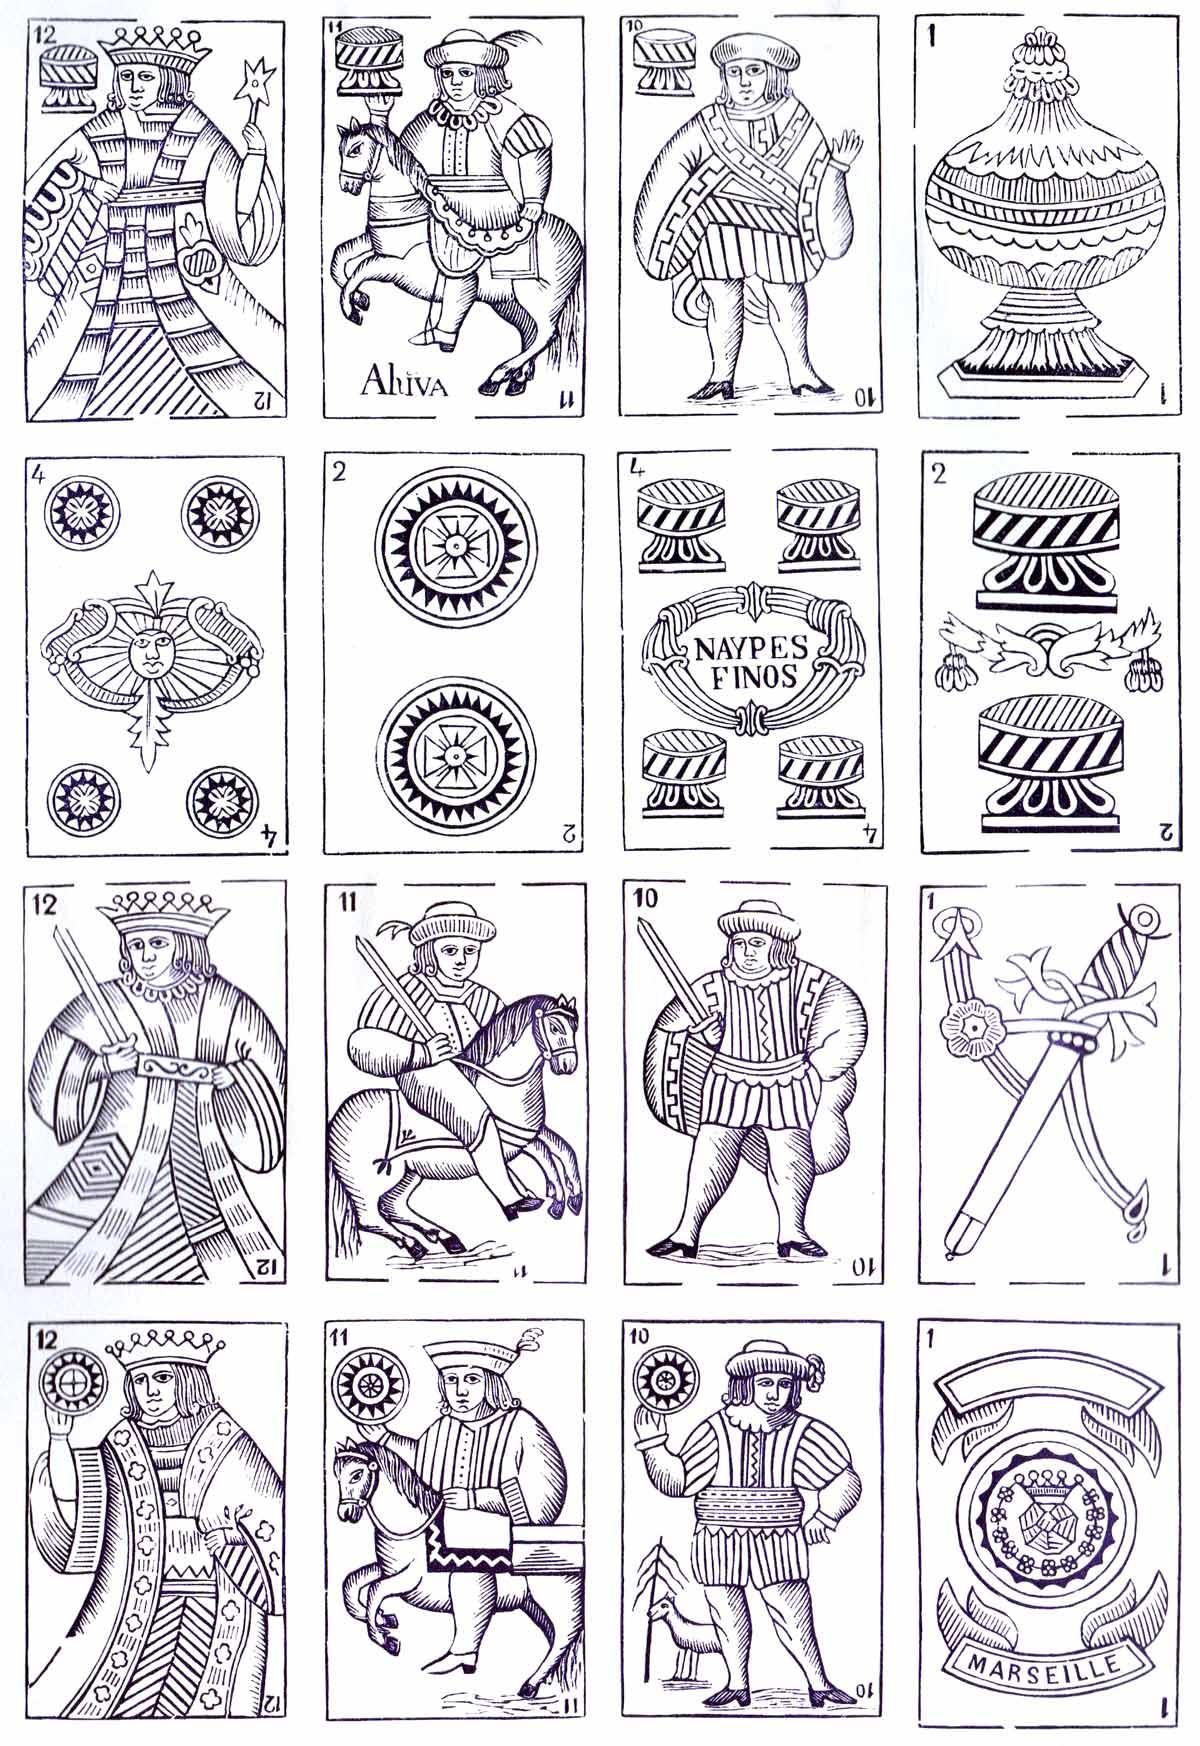 Spanish Moroccan patttern, 19th century, reprinted from original woodblocks by Vito Arienti, Edizioni del Solleone, 1978